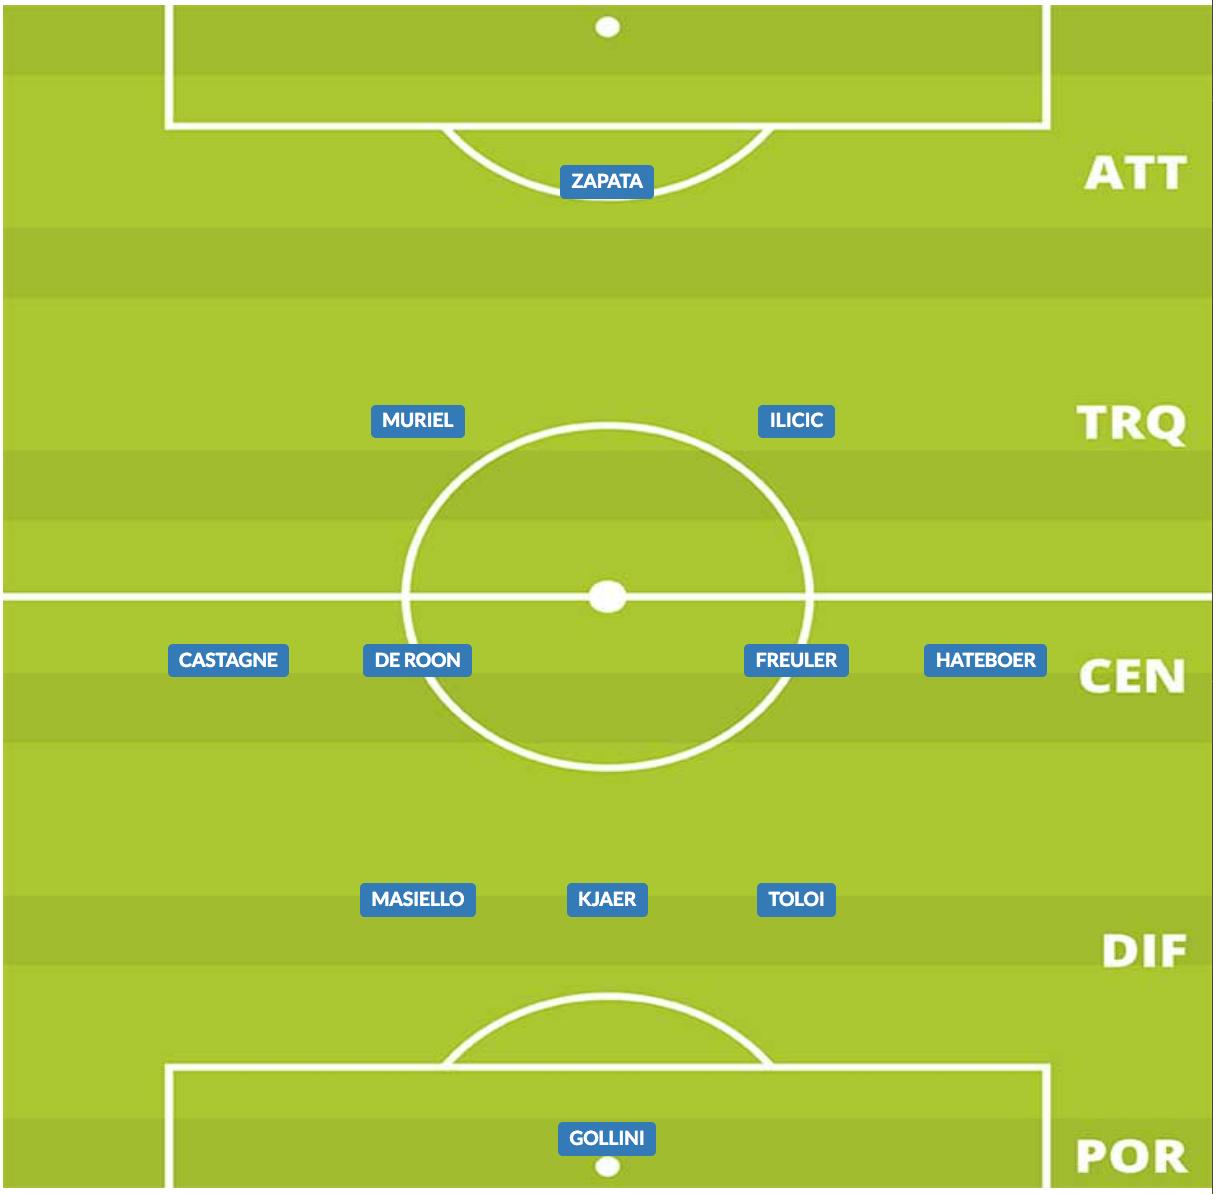 formazione atalanta 2019/20